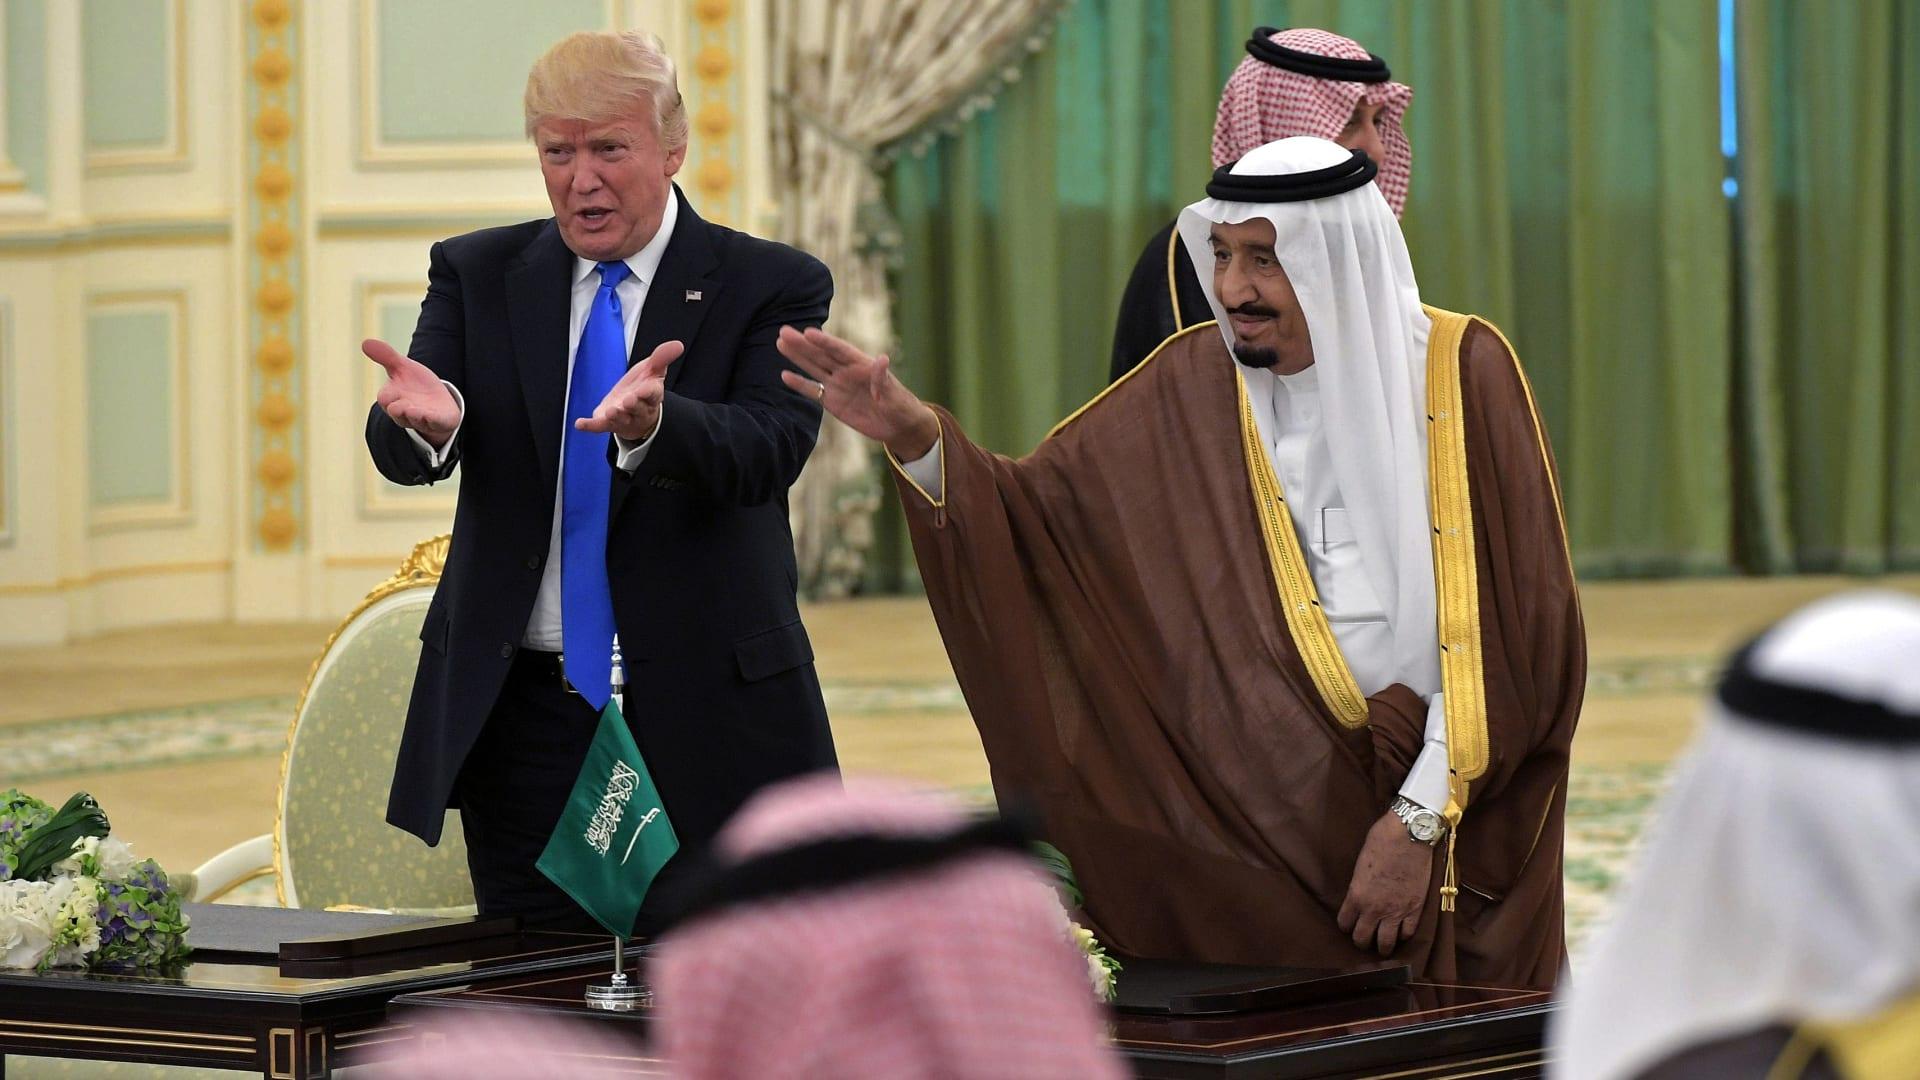 وزير الخارجية السعودي: مُتفائل باقترابنا من اتفاق مرضي لأطراف الأزمة الخليجية